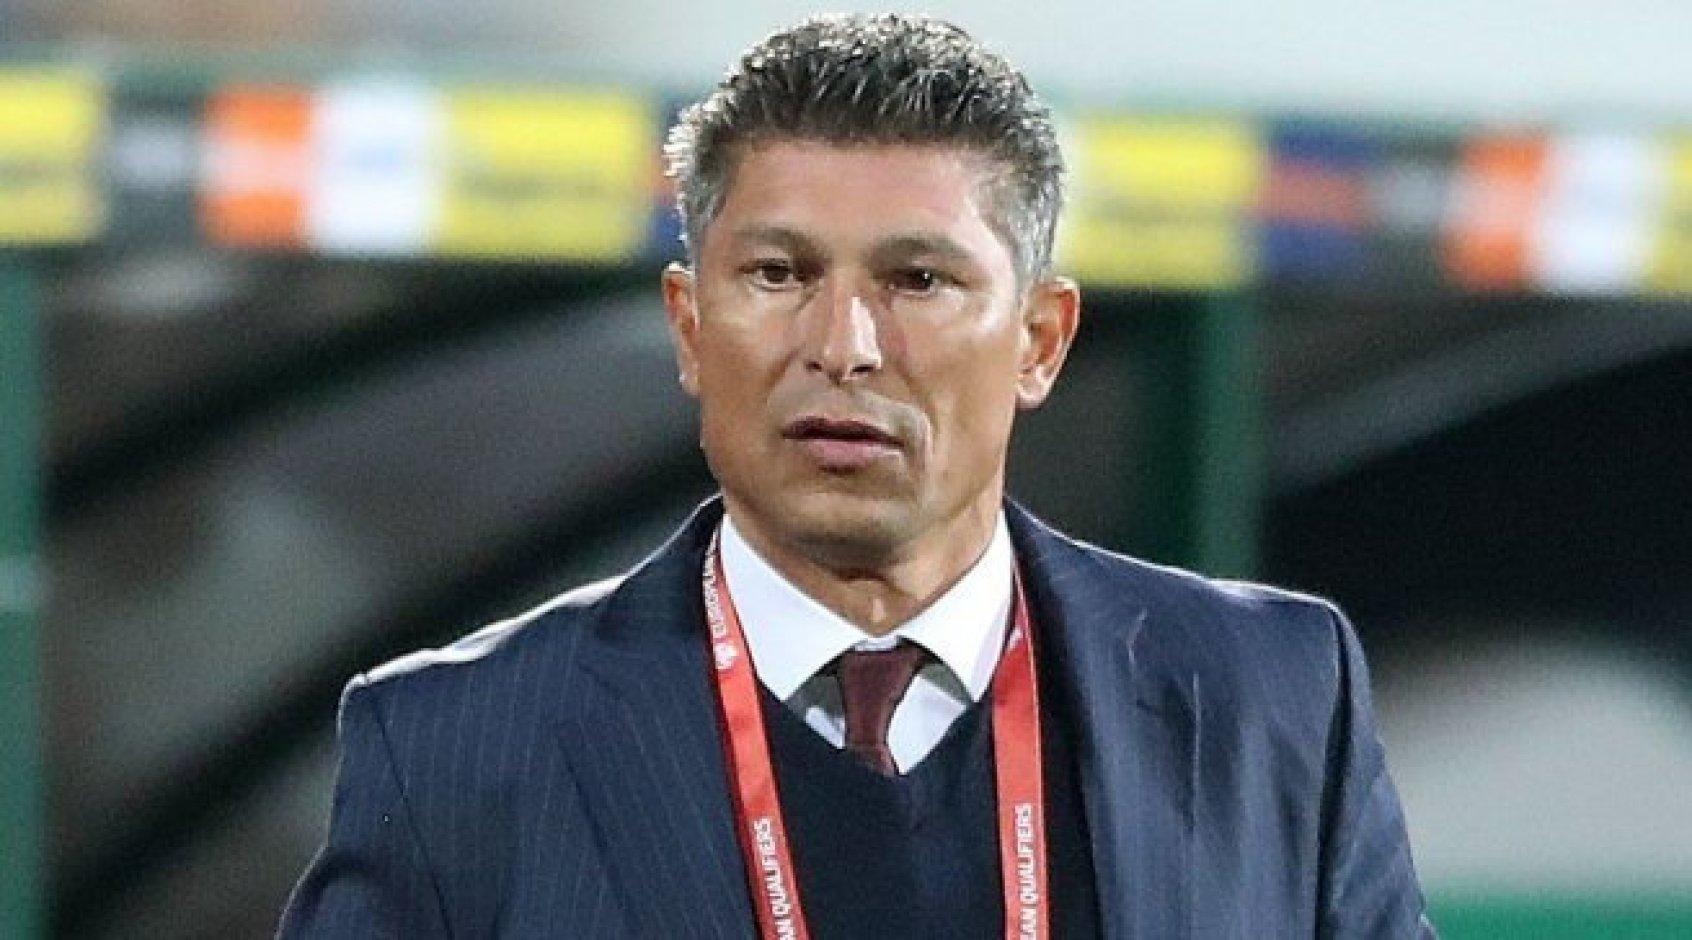 Наставник сборной Болгарии Балаков подал в отставку после расистского скандала в матче с Англией